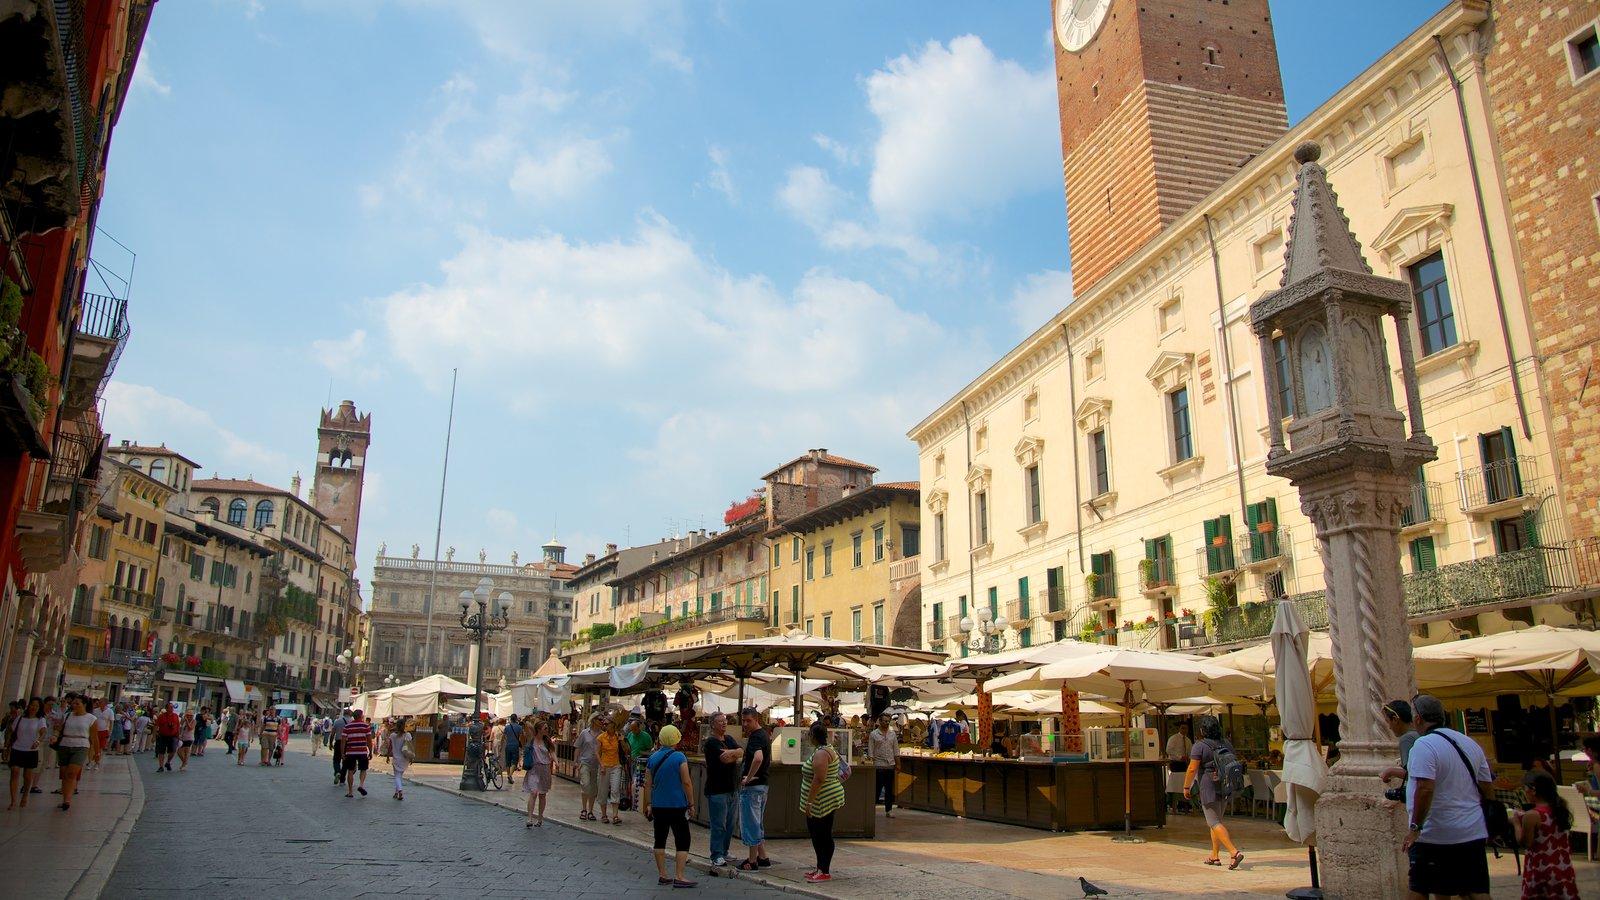 Piazza delle Erbe which includes a square or plaza, a city and street scenes